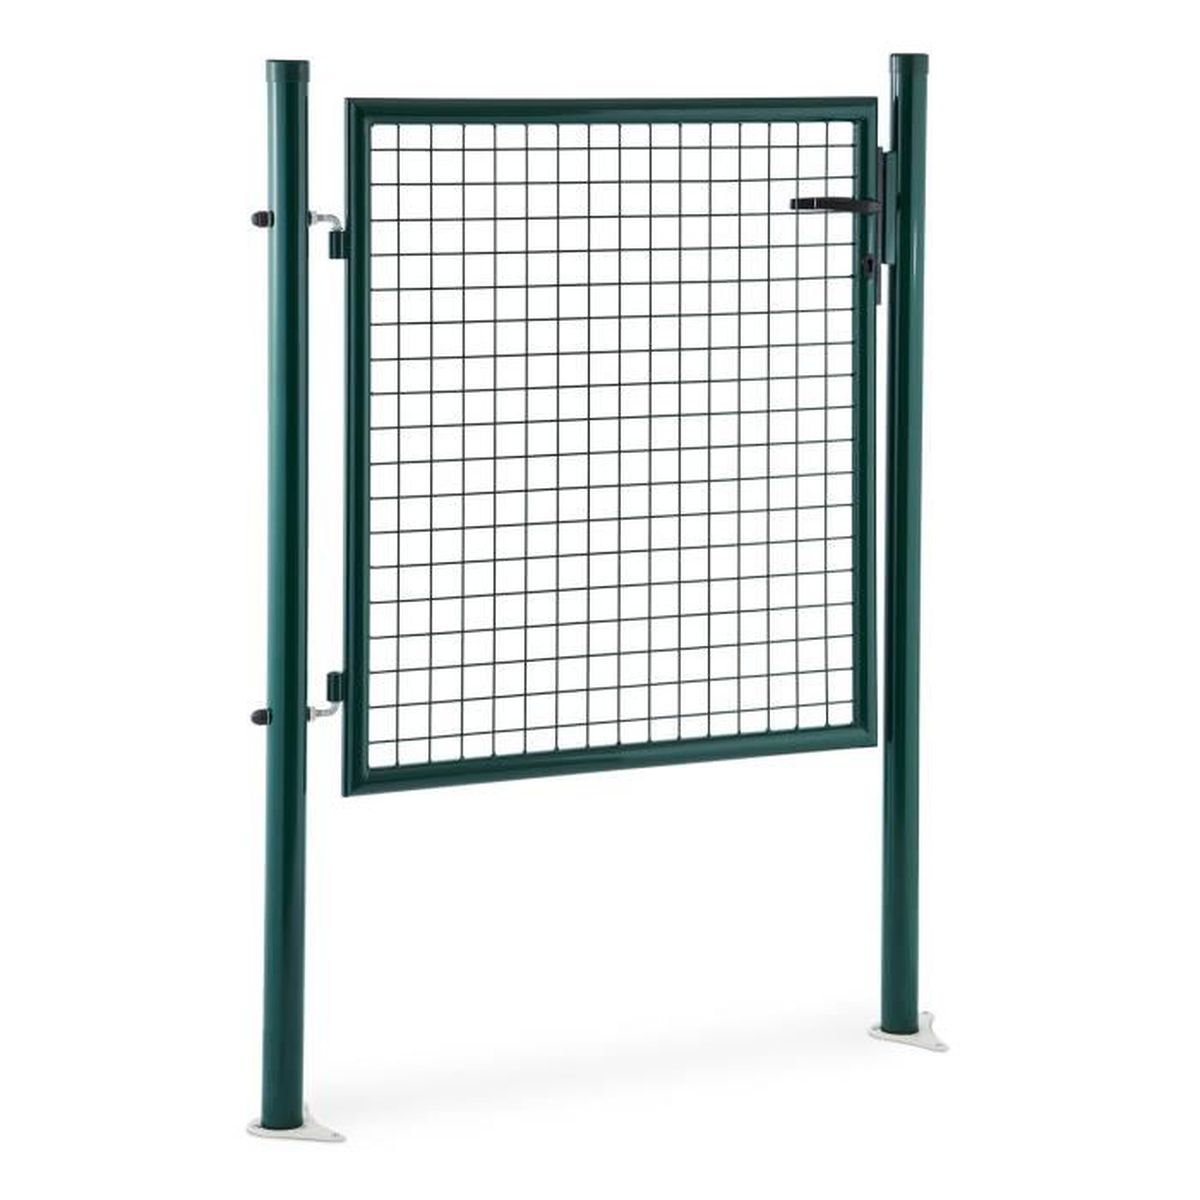 Waldbeck duraporta portail de jardin portillon de cl ture grillage maille m tallique acier - Portail de jardin ...